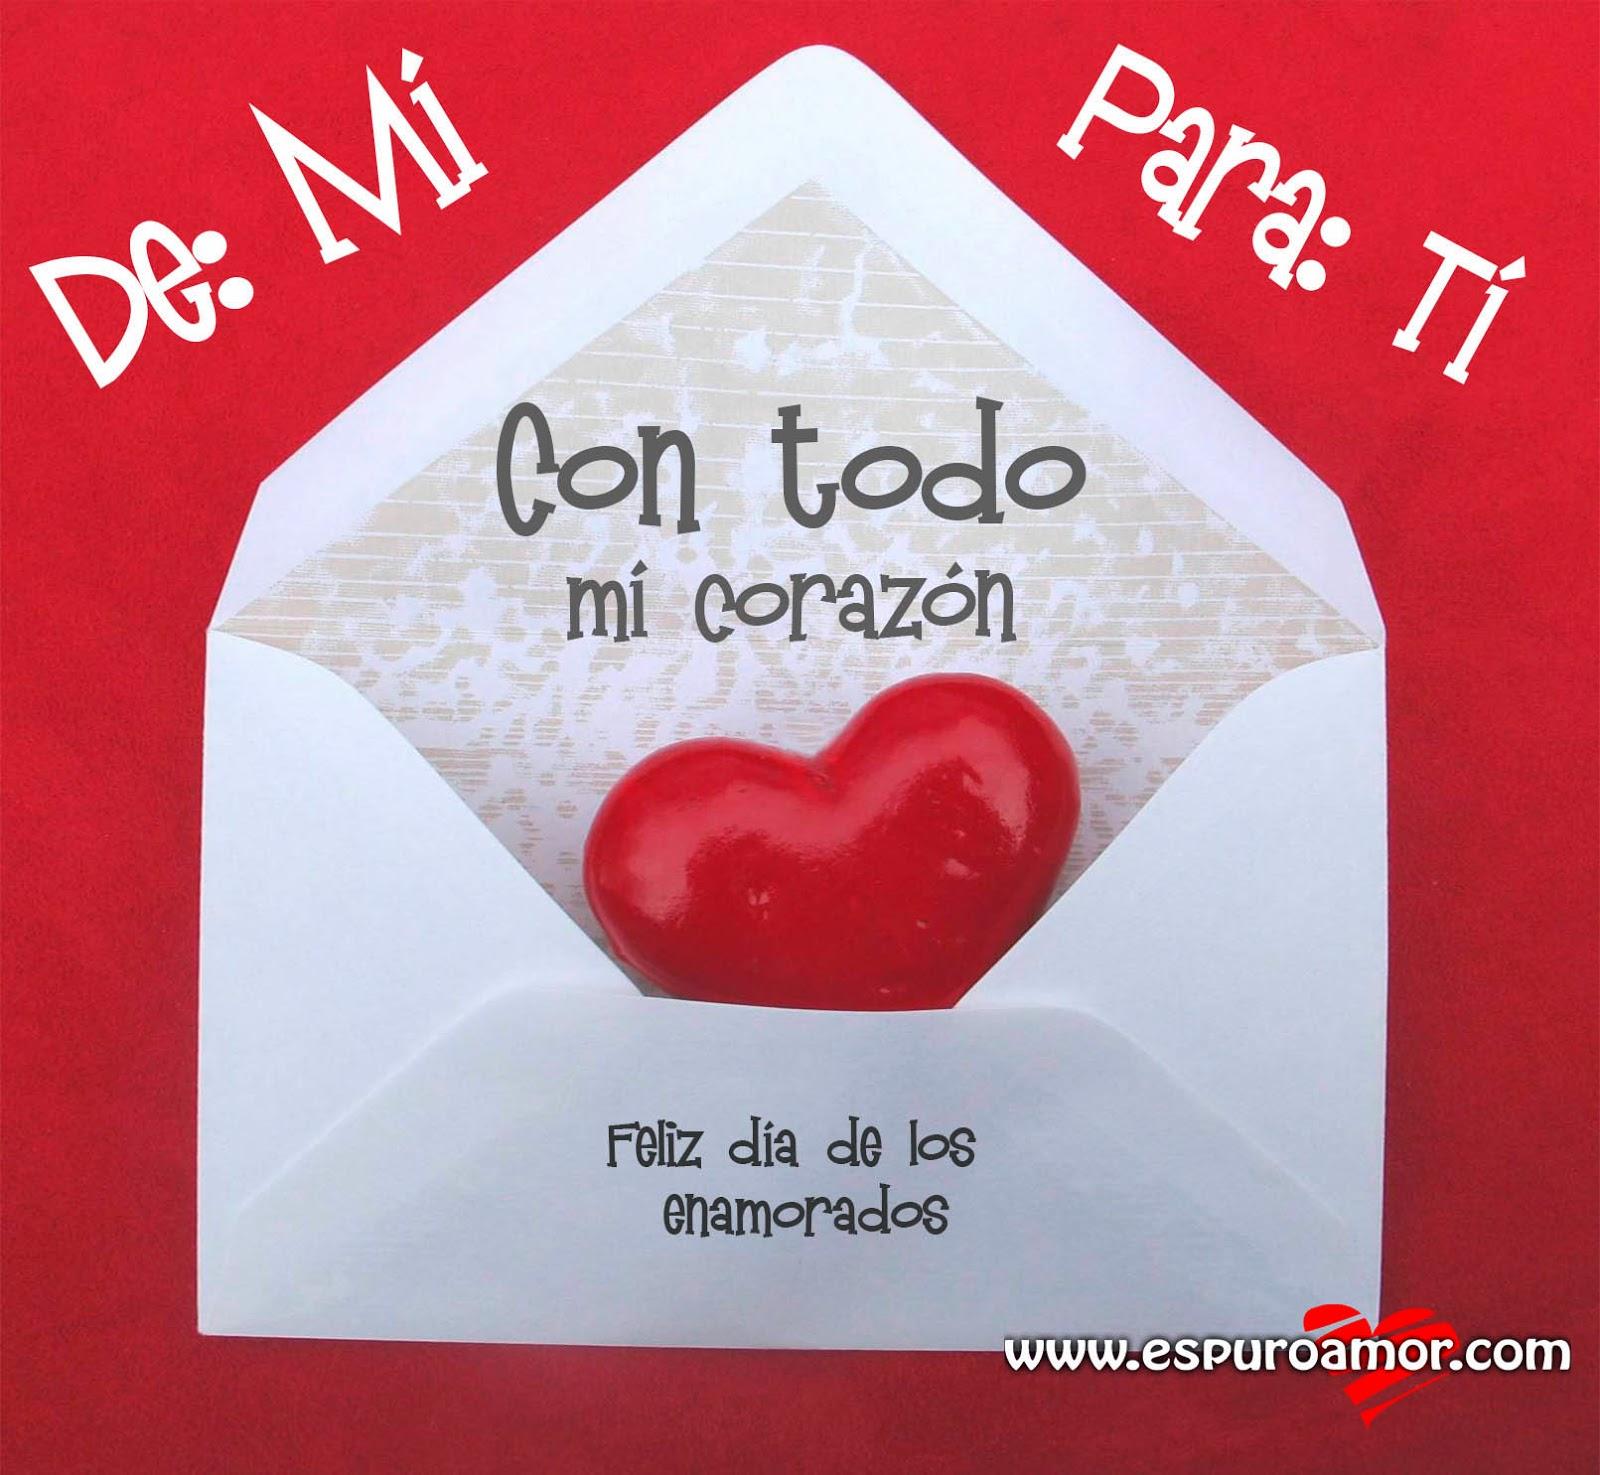 imagenes de san valentin Imágenes de amor Imágenes  - Imagenes De Dia De San Valentin Con Frases